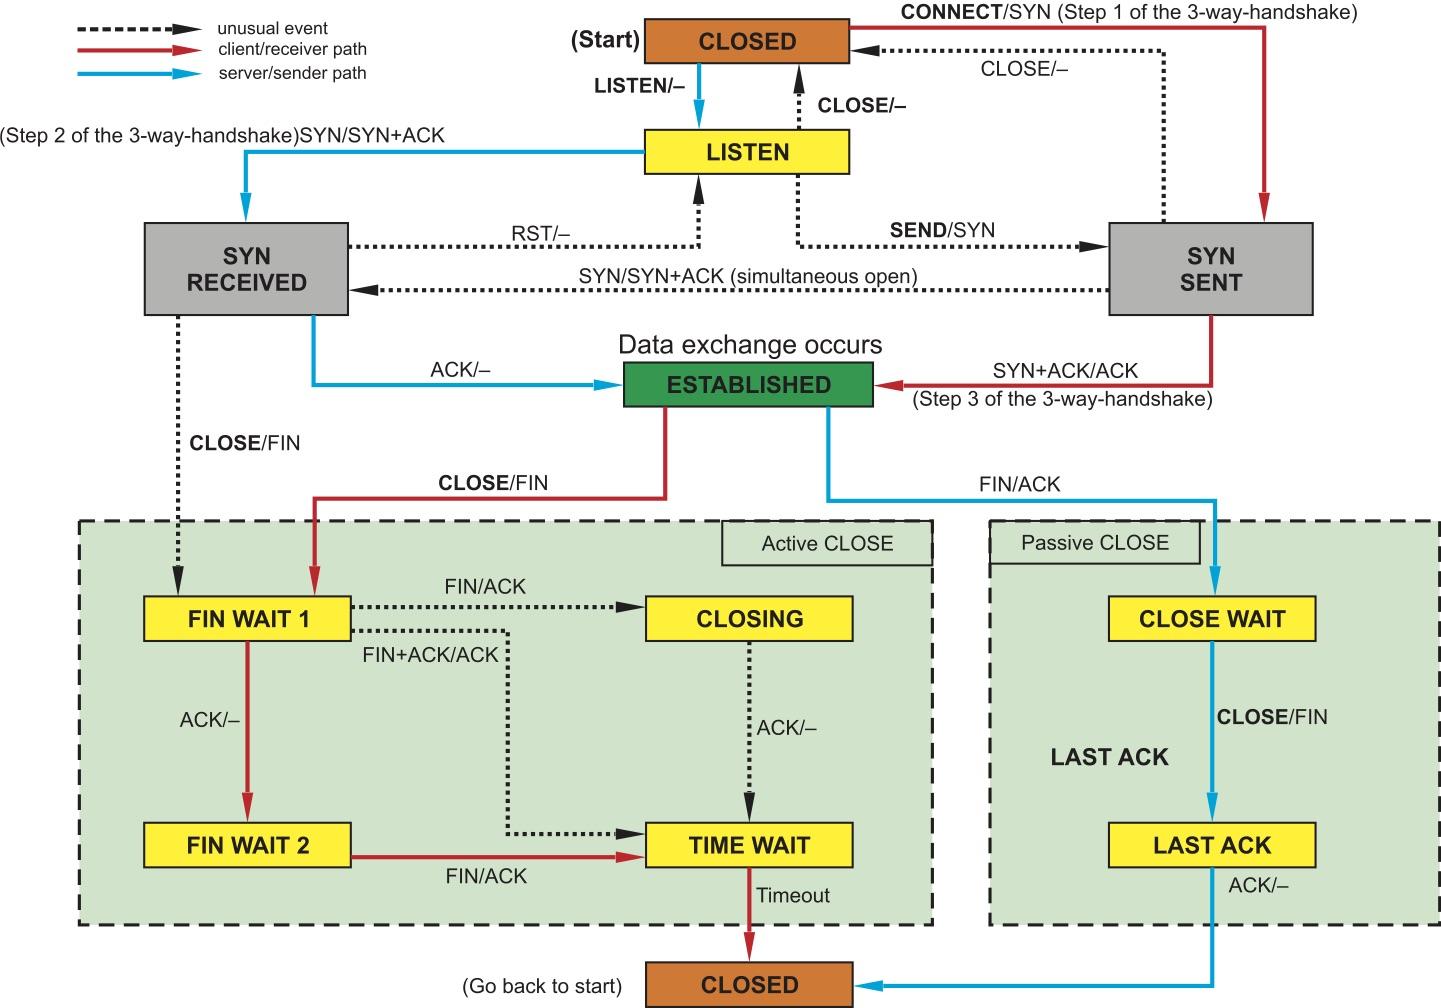 Граф процессов и состояний стека протоколов TCP/IP